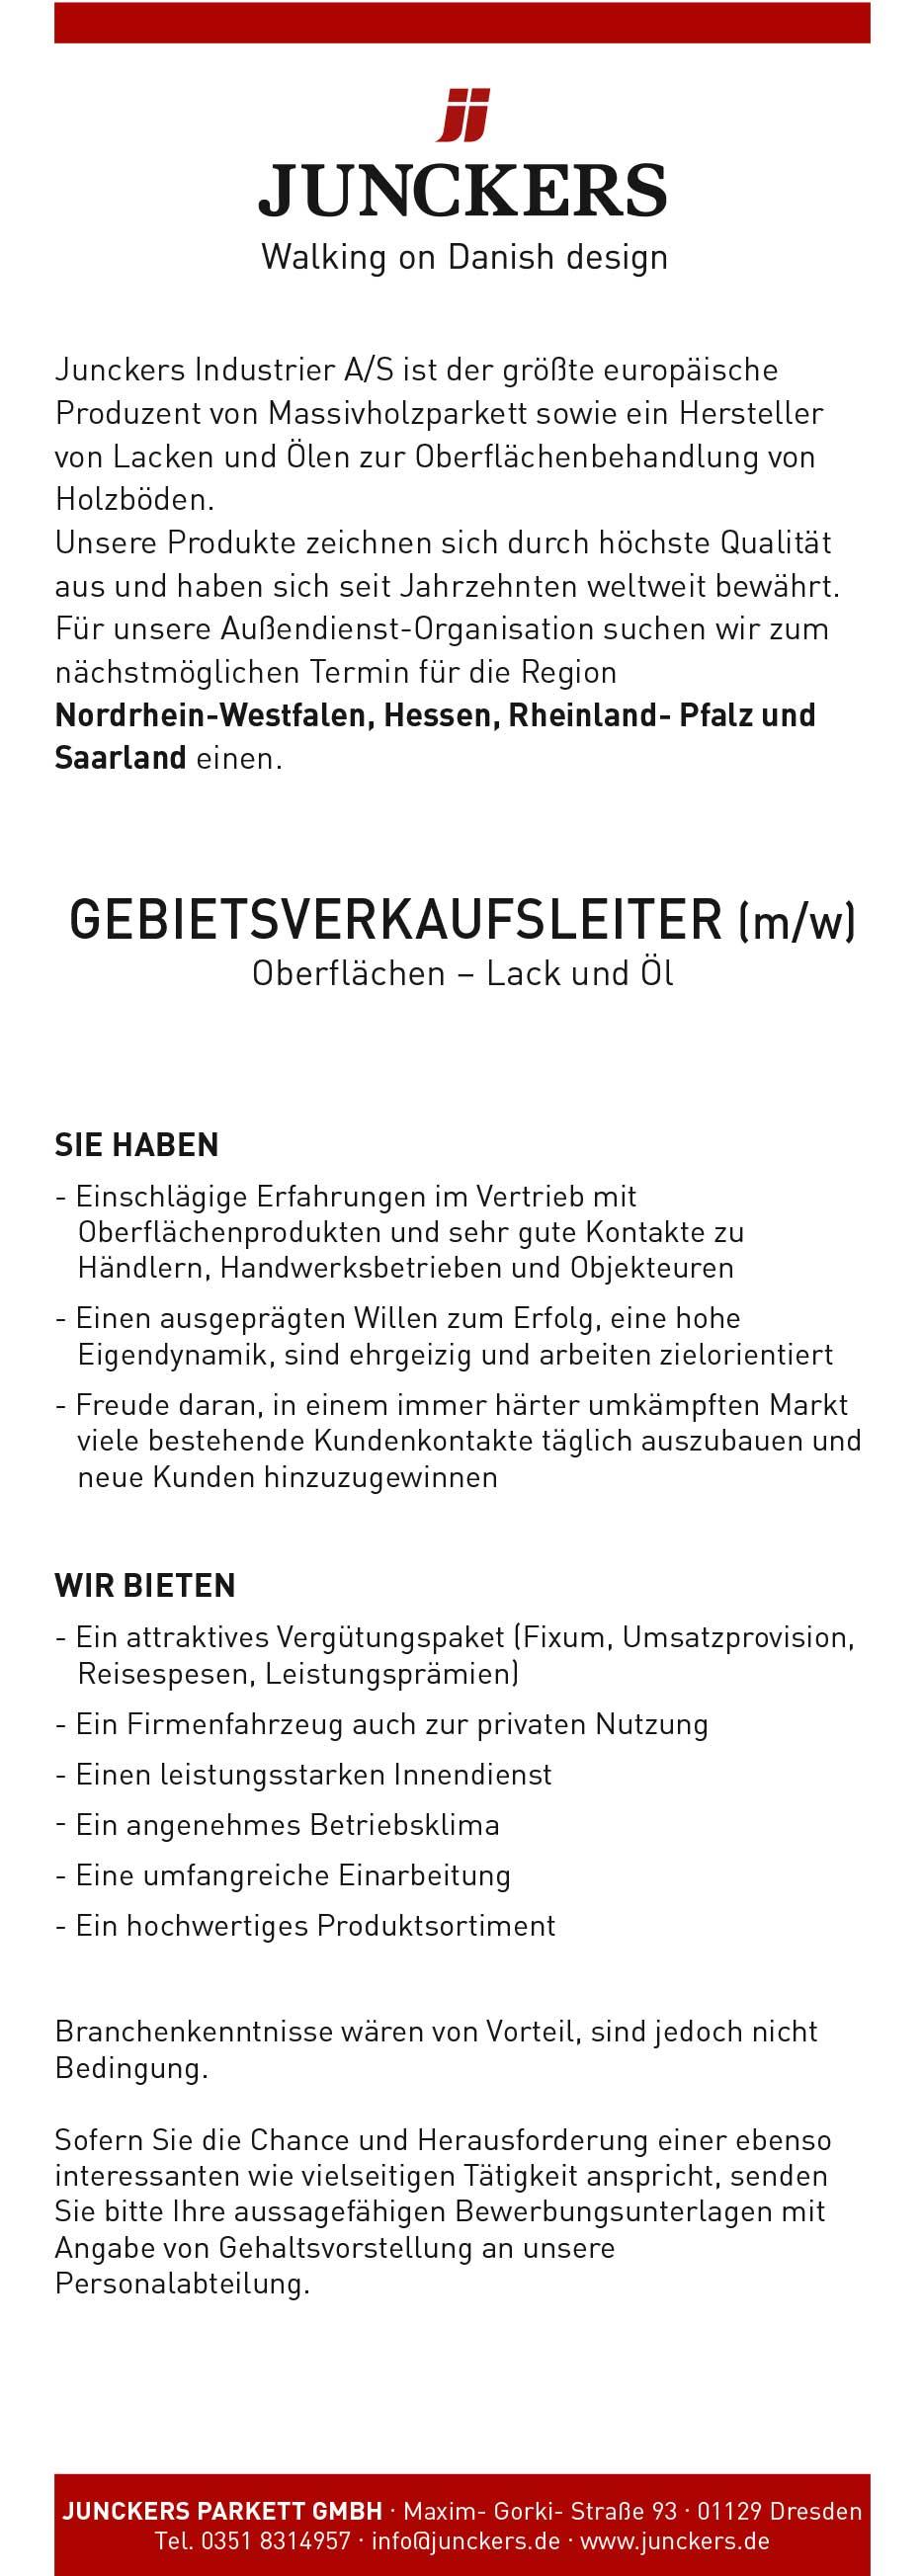 Gebietsverkaufsleiter (m/w) für Parkettlacke/-öle